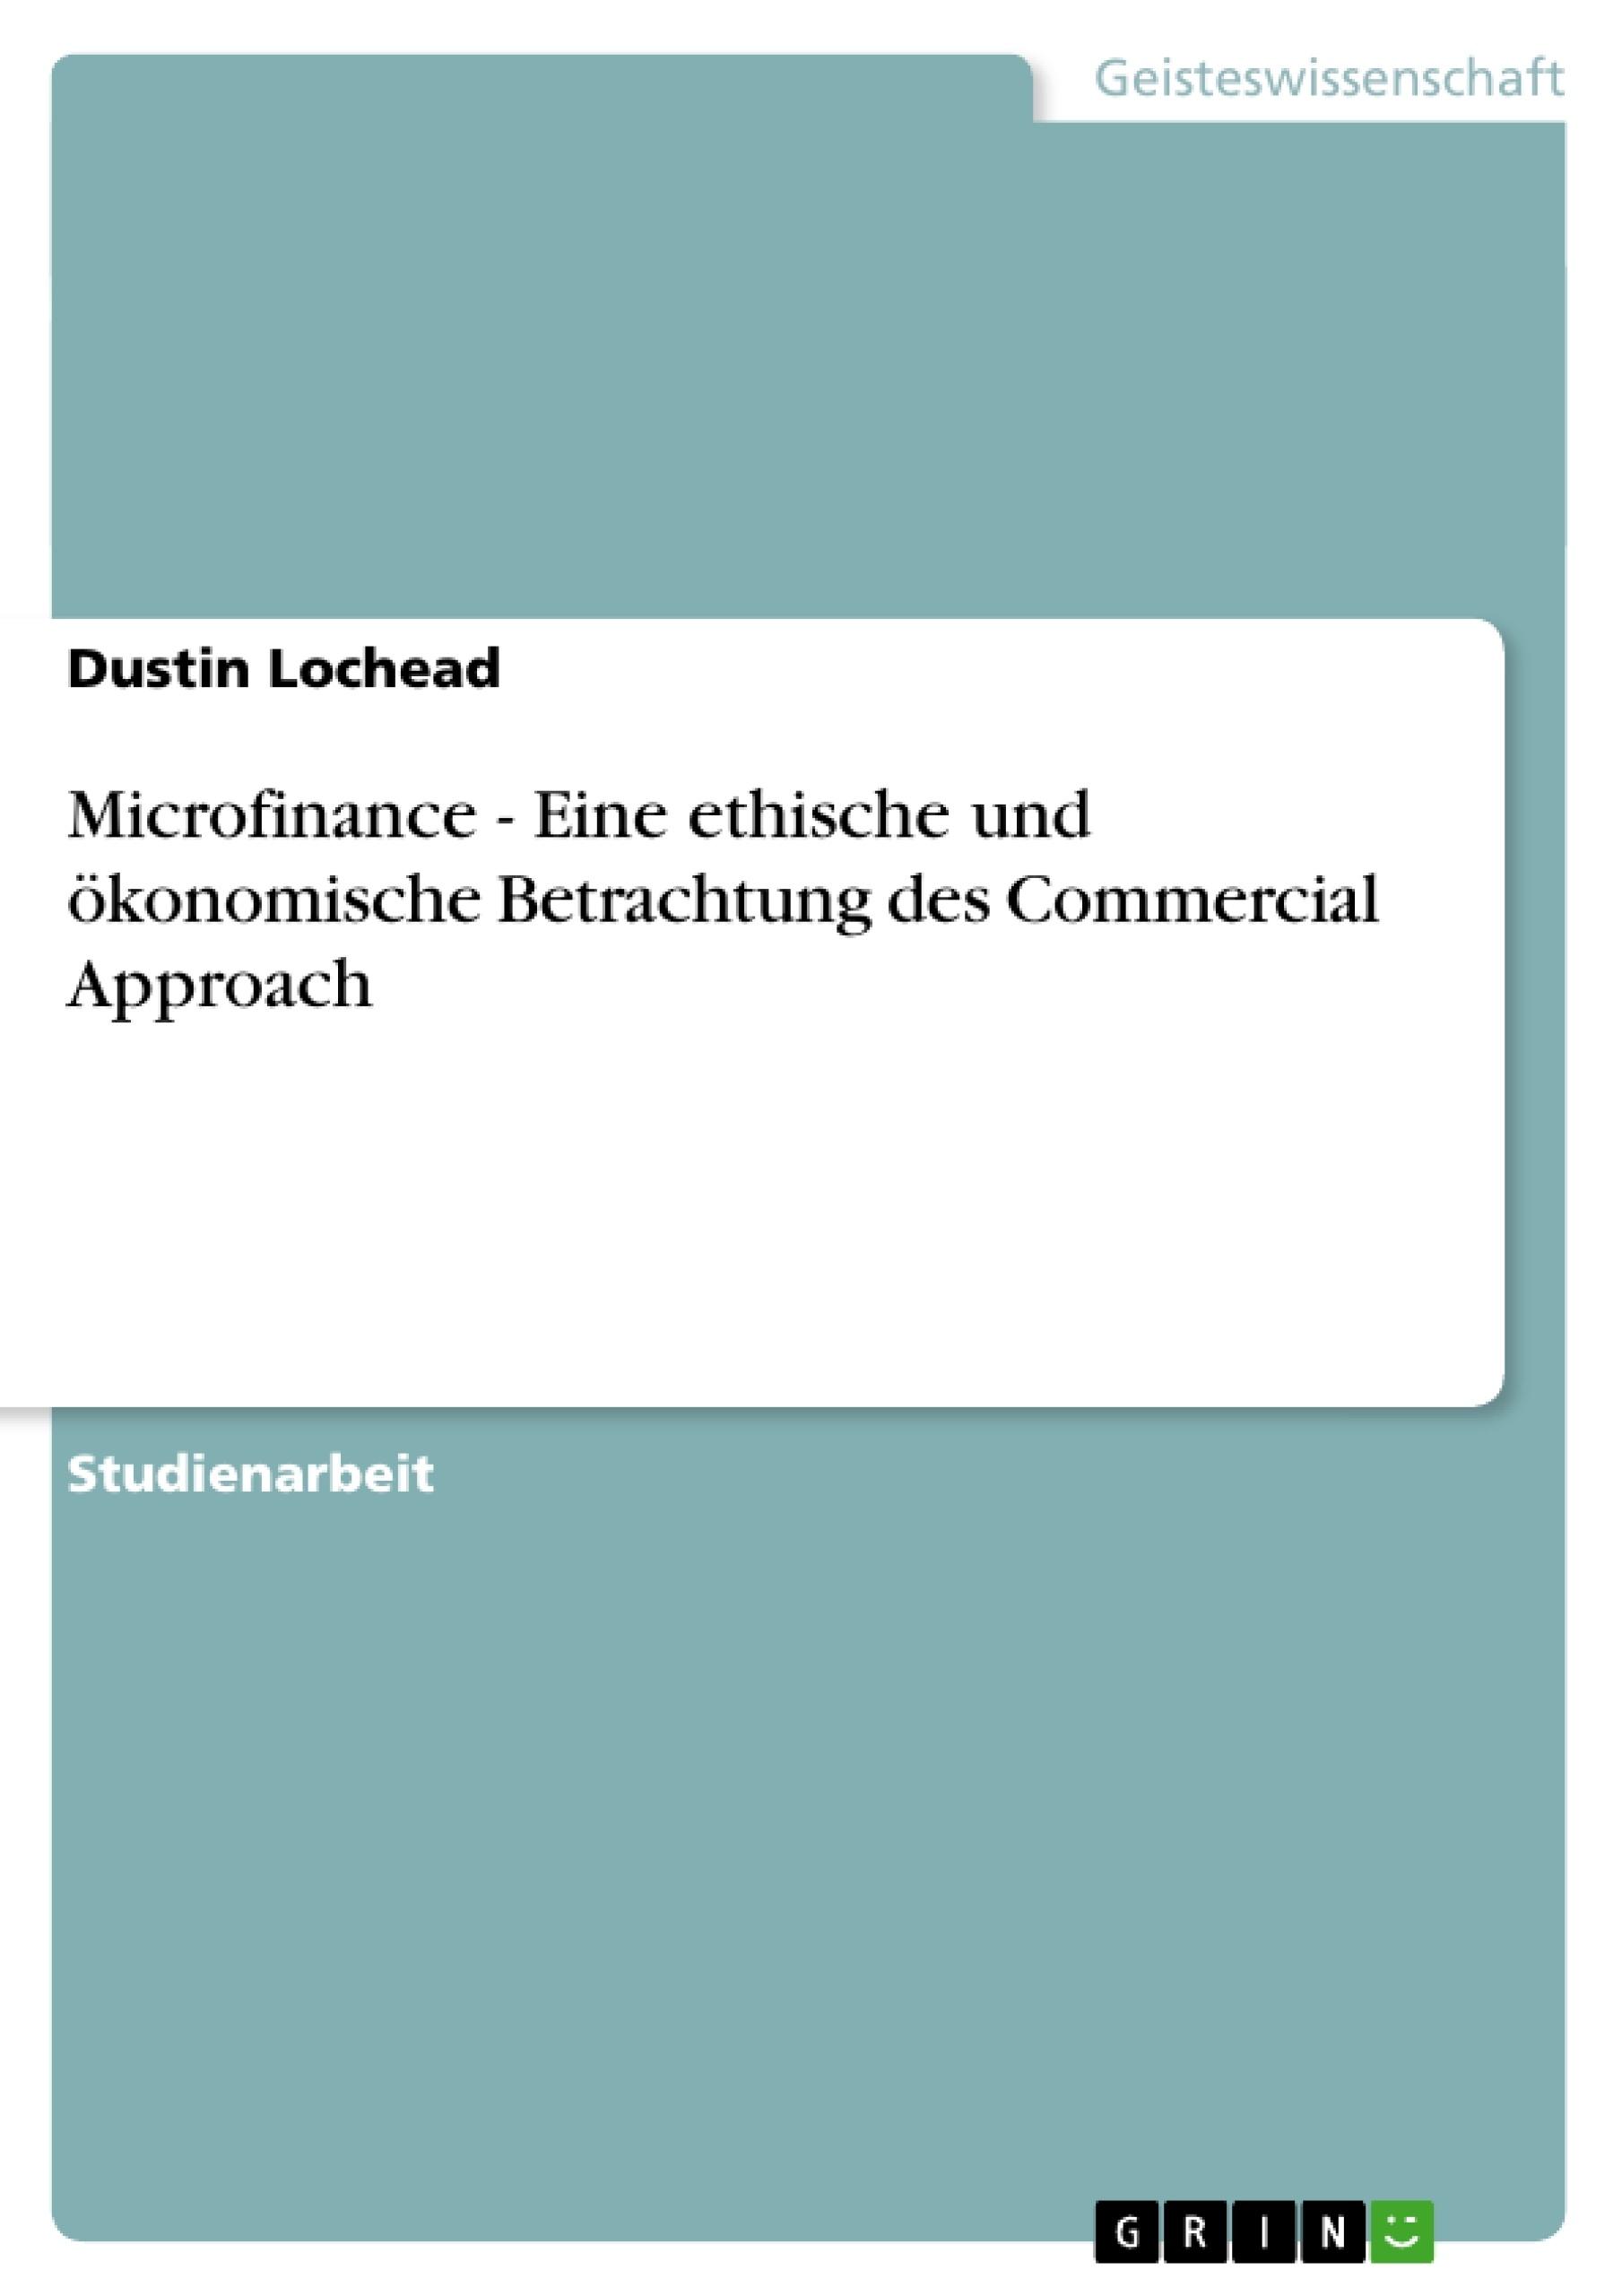 Titel: Microfinance - Eine ethische und ökonomische Betrachtung des Commercial Approach